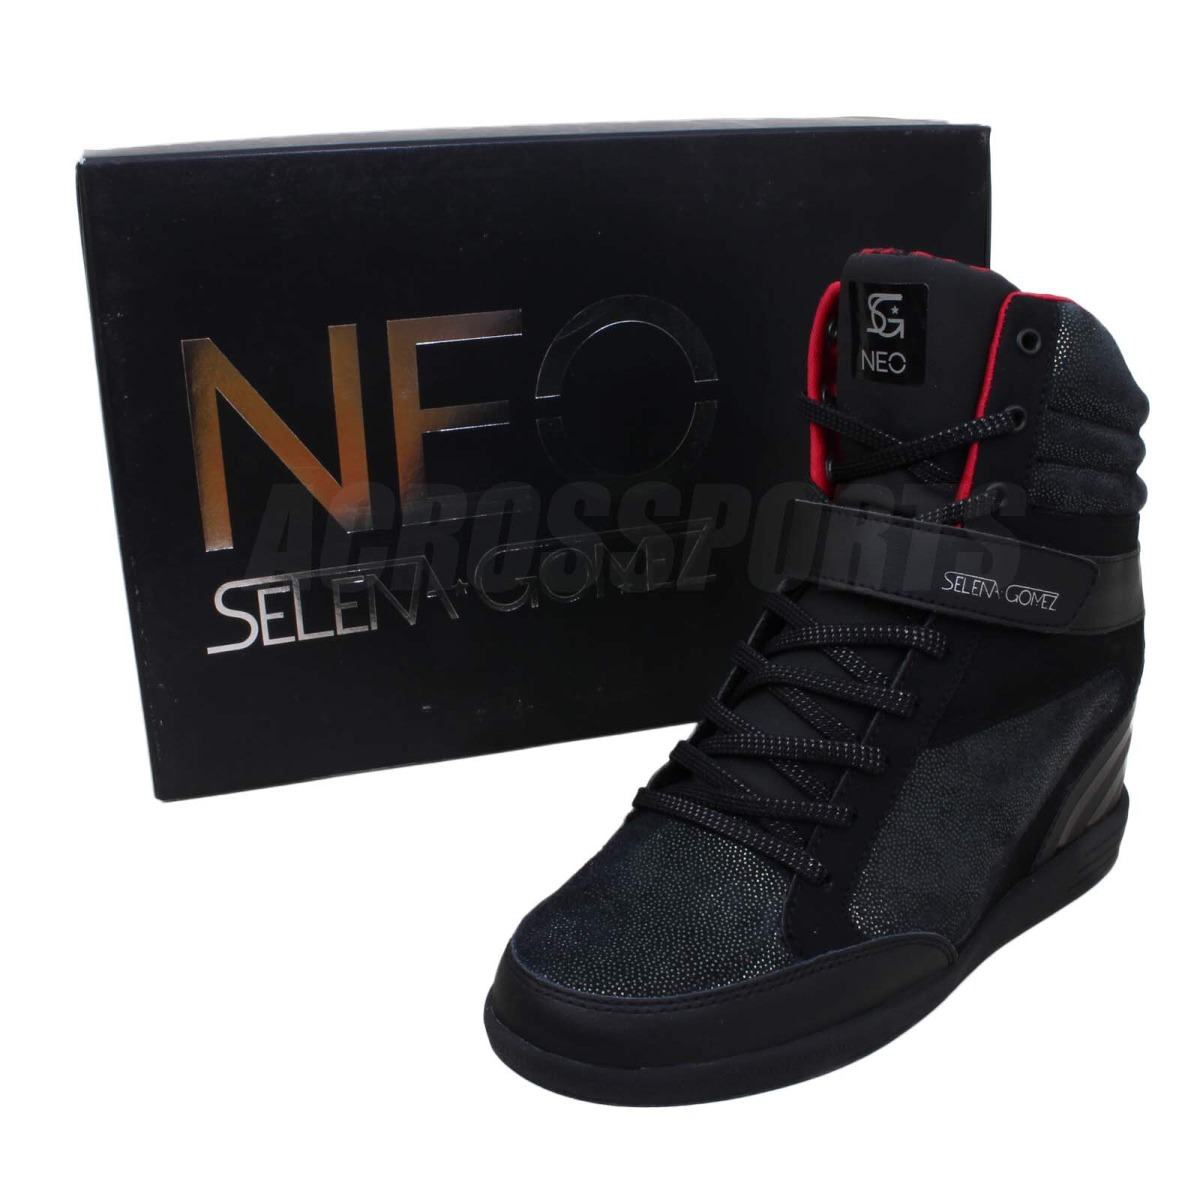 Bs Adidas 2 Nuevos Neo Gomez Label Zapatos Selena Originales 500 O0x1wTd